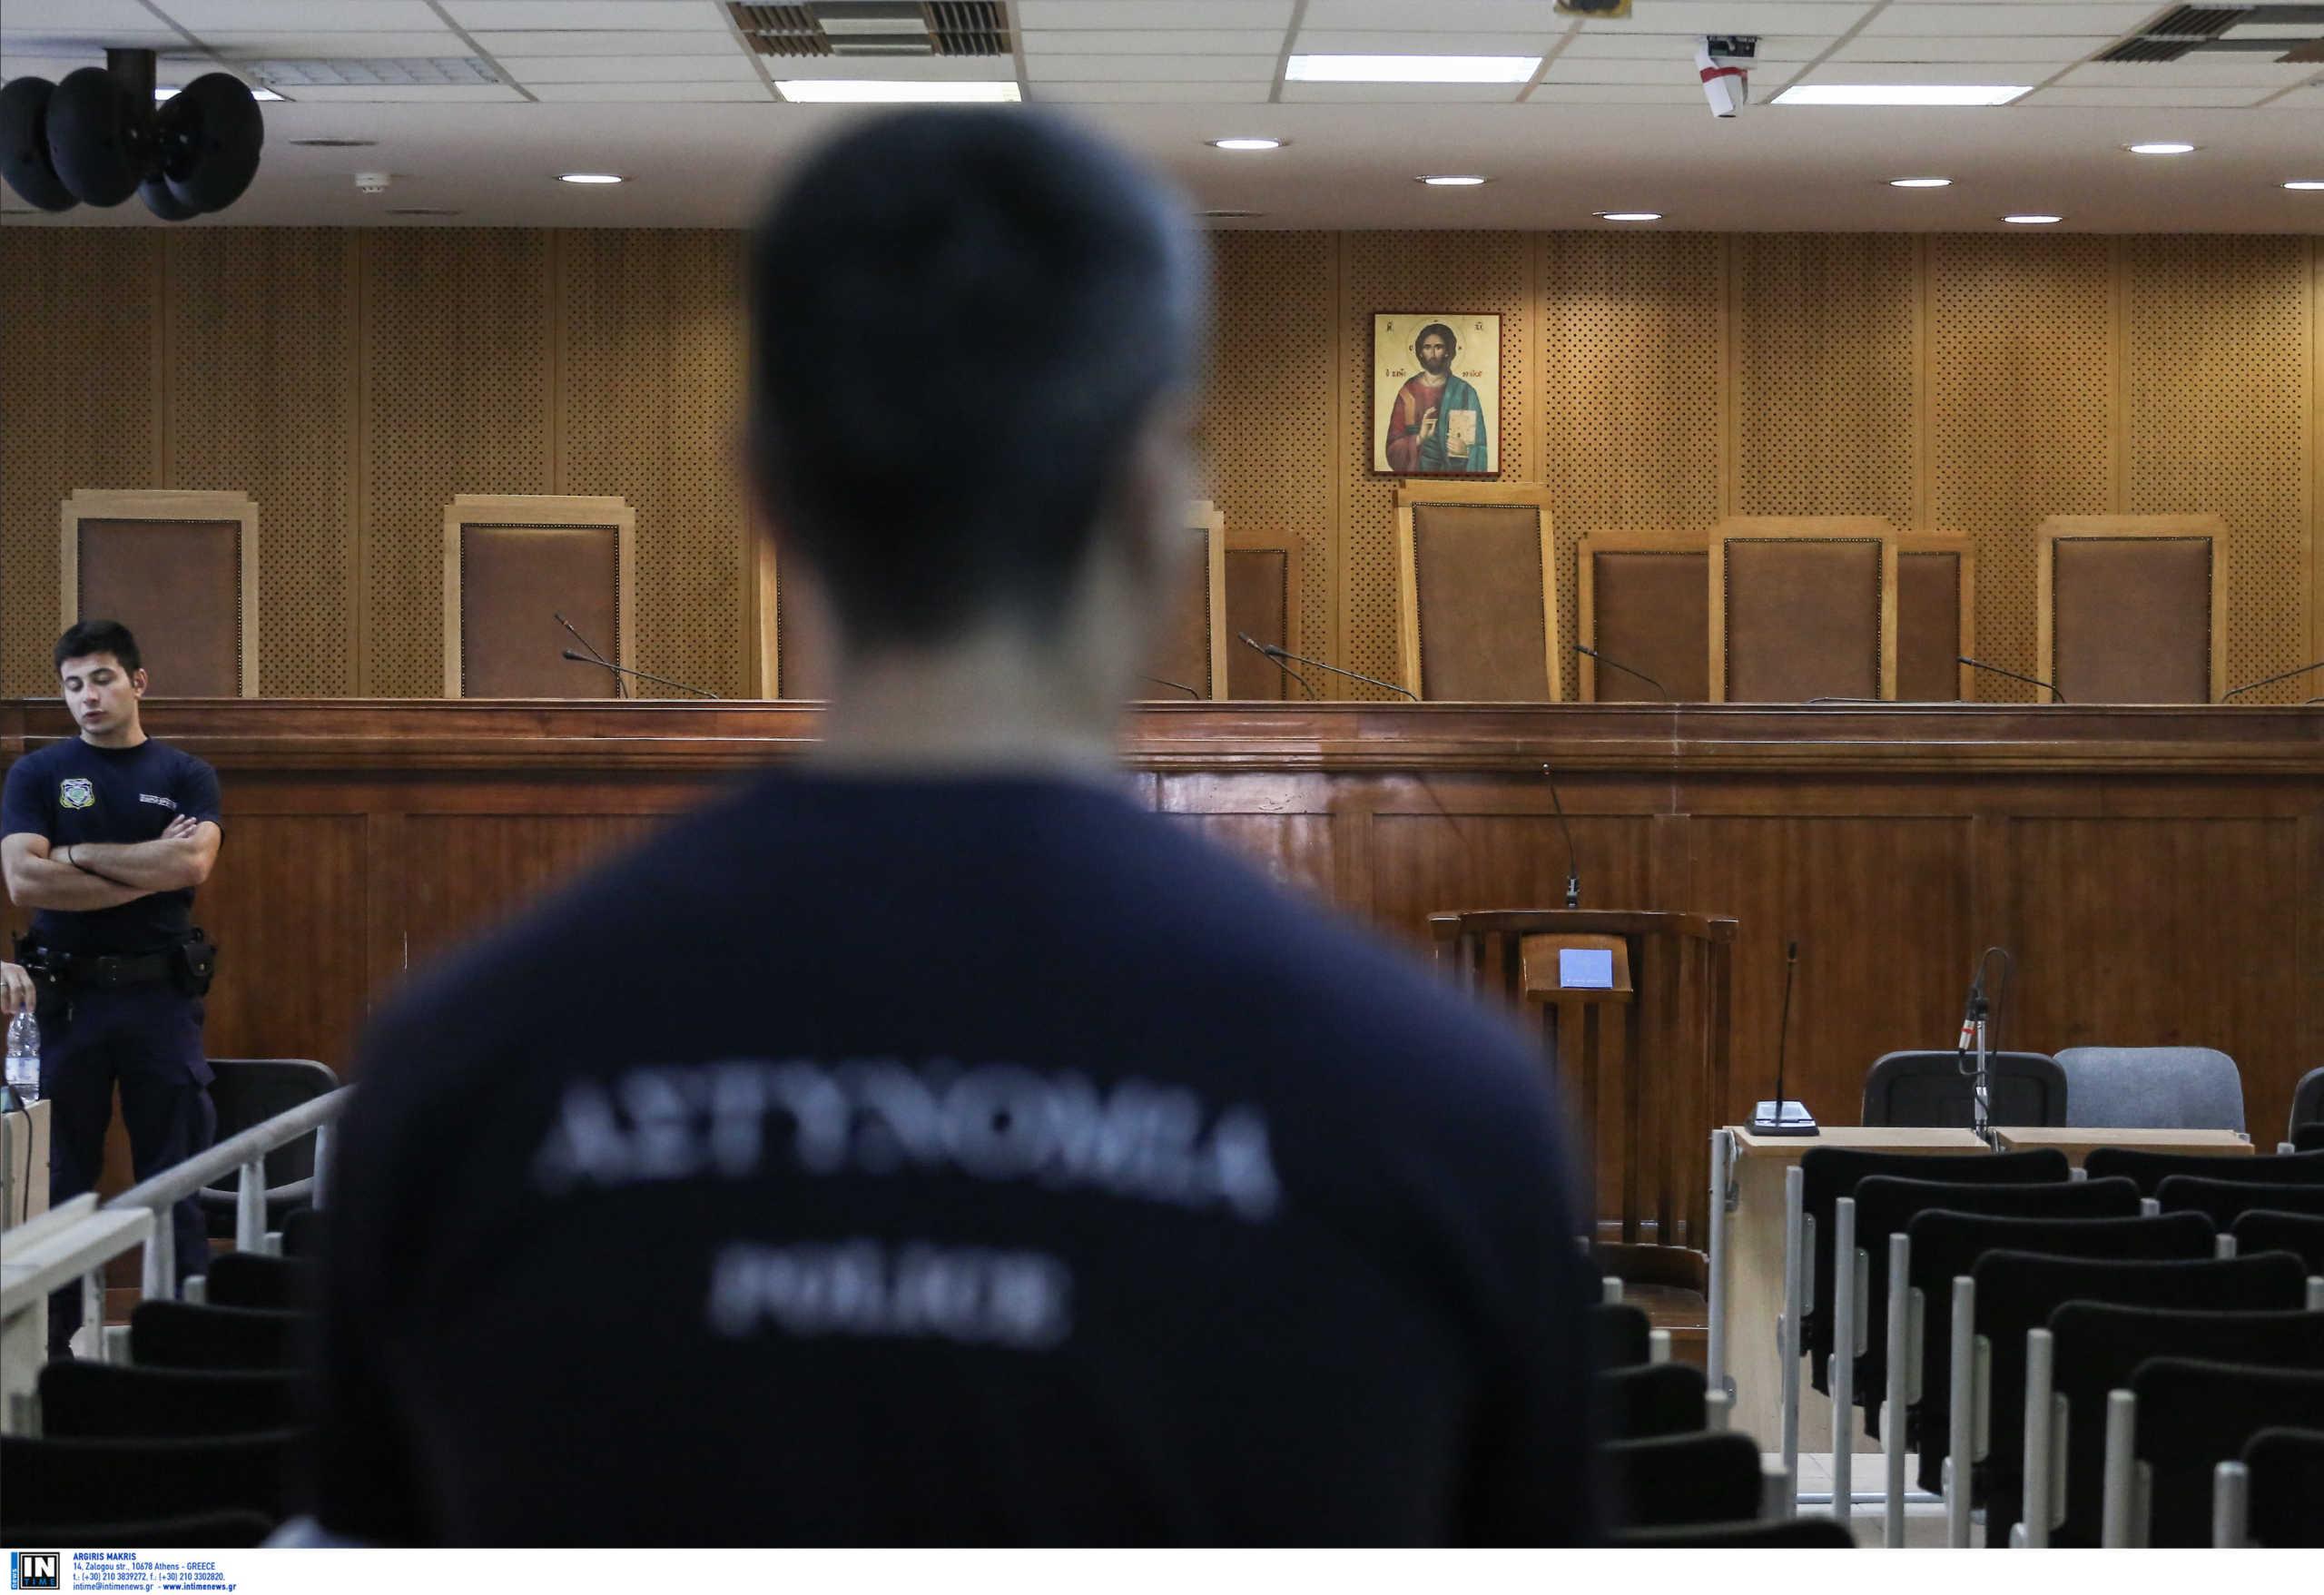 Κρήτη: Καταδικάστηκε για την εξαφάνιση της 17χρονης στο Ηράκλειο – Τι υποστήριξε το πρόσωπο κλειδί